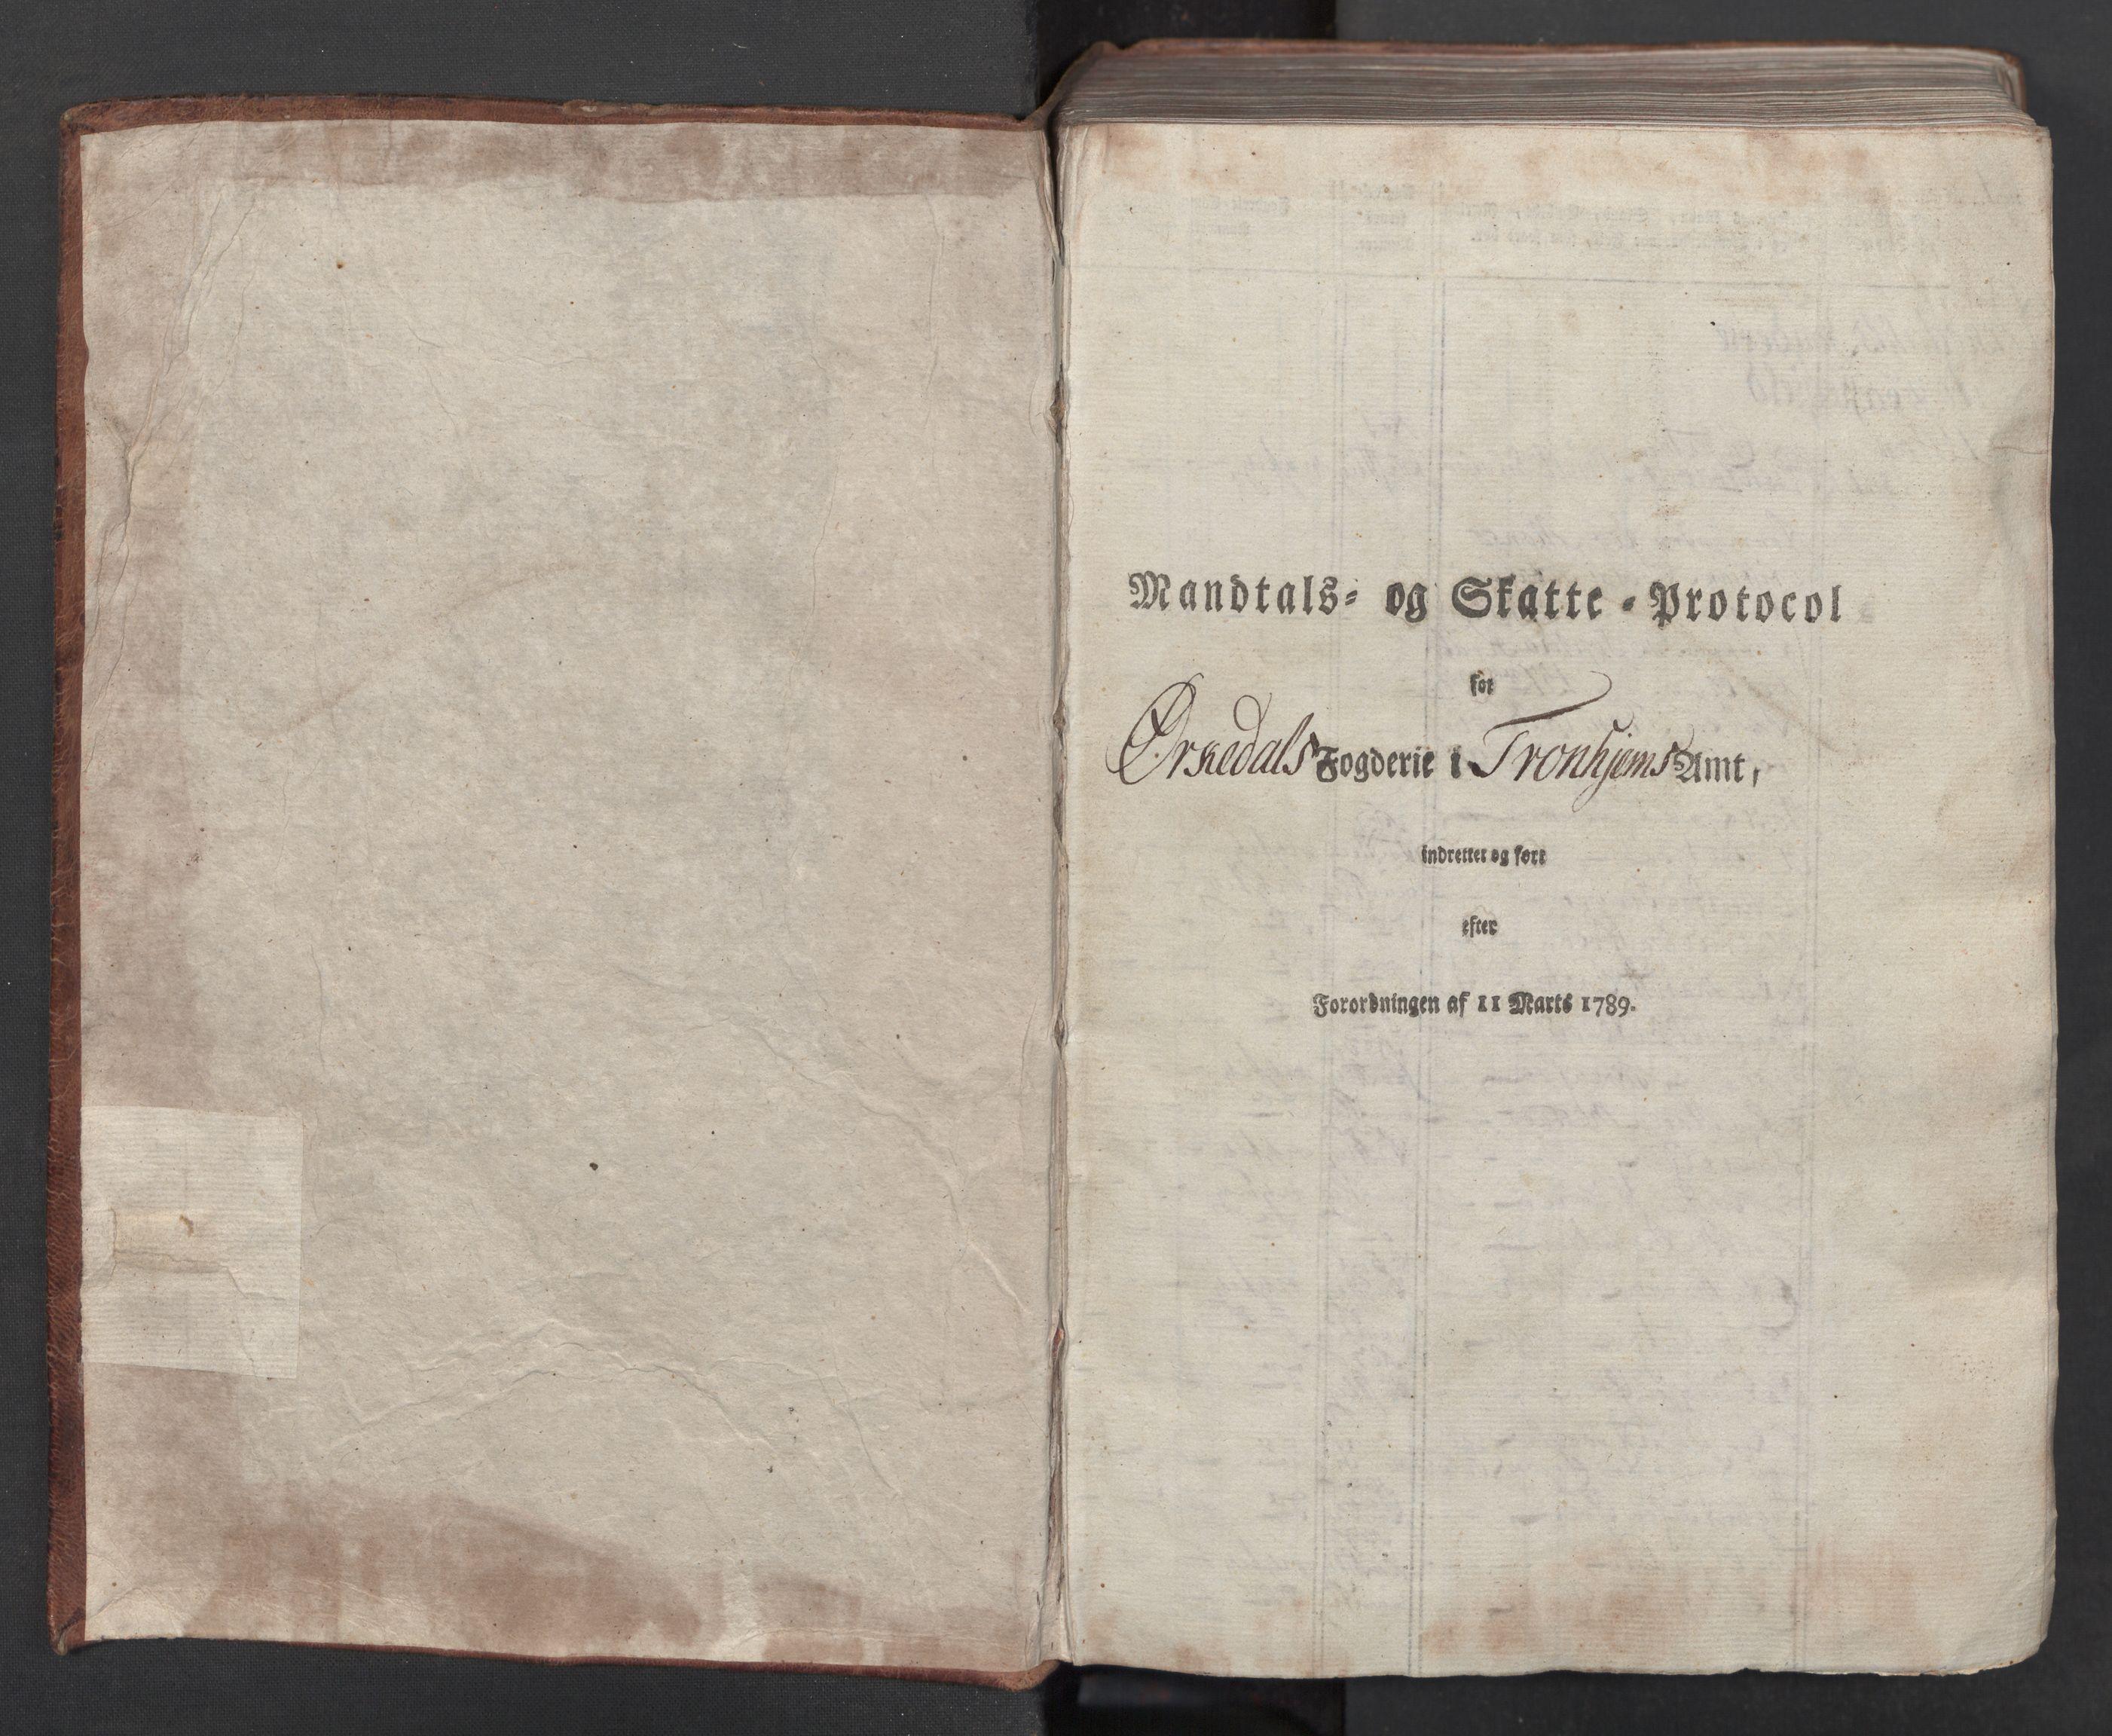 RA, Rentekammeret inntil 1814, Reviderte regnskaper, Mindre regnskaper, Rf/Rfe/L0033: Orkdal og Gauldal fogderi, 1789, s. 2